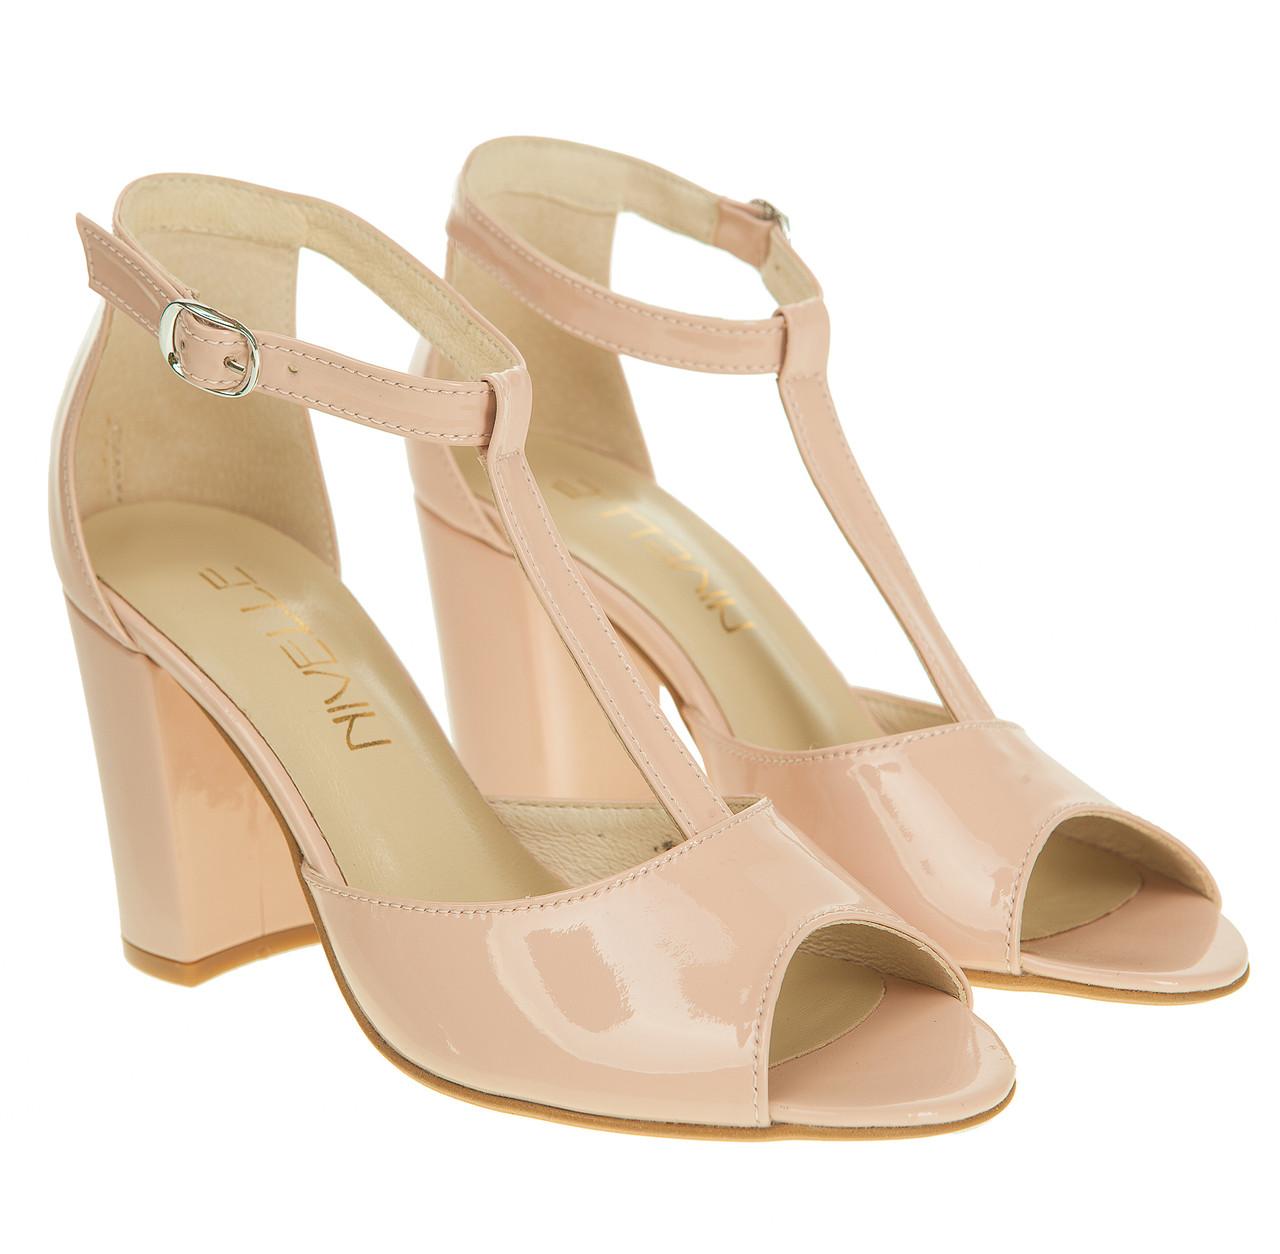 3f6f6398ee17f9 Босоножки женские Nivelle (изысканный оттенок розовой пудры, удобный  каблук, Т-ремешок)